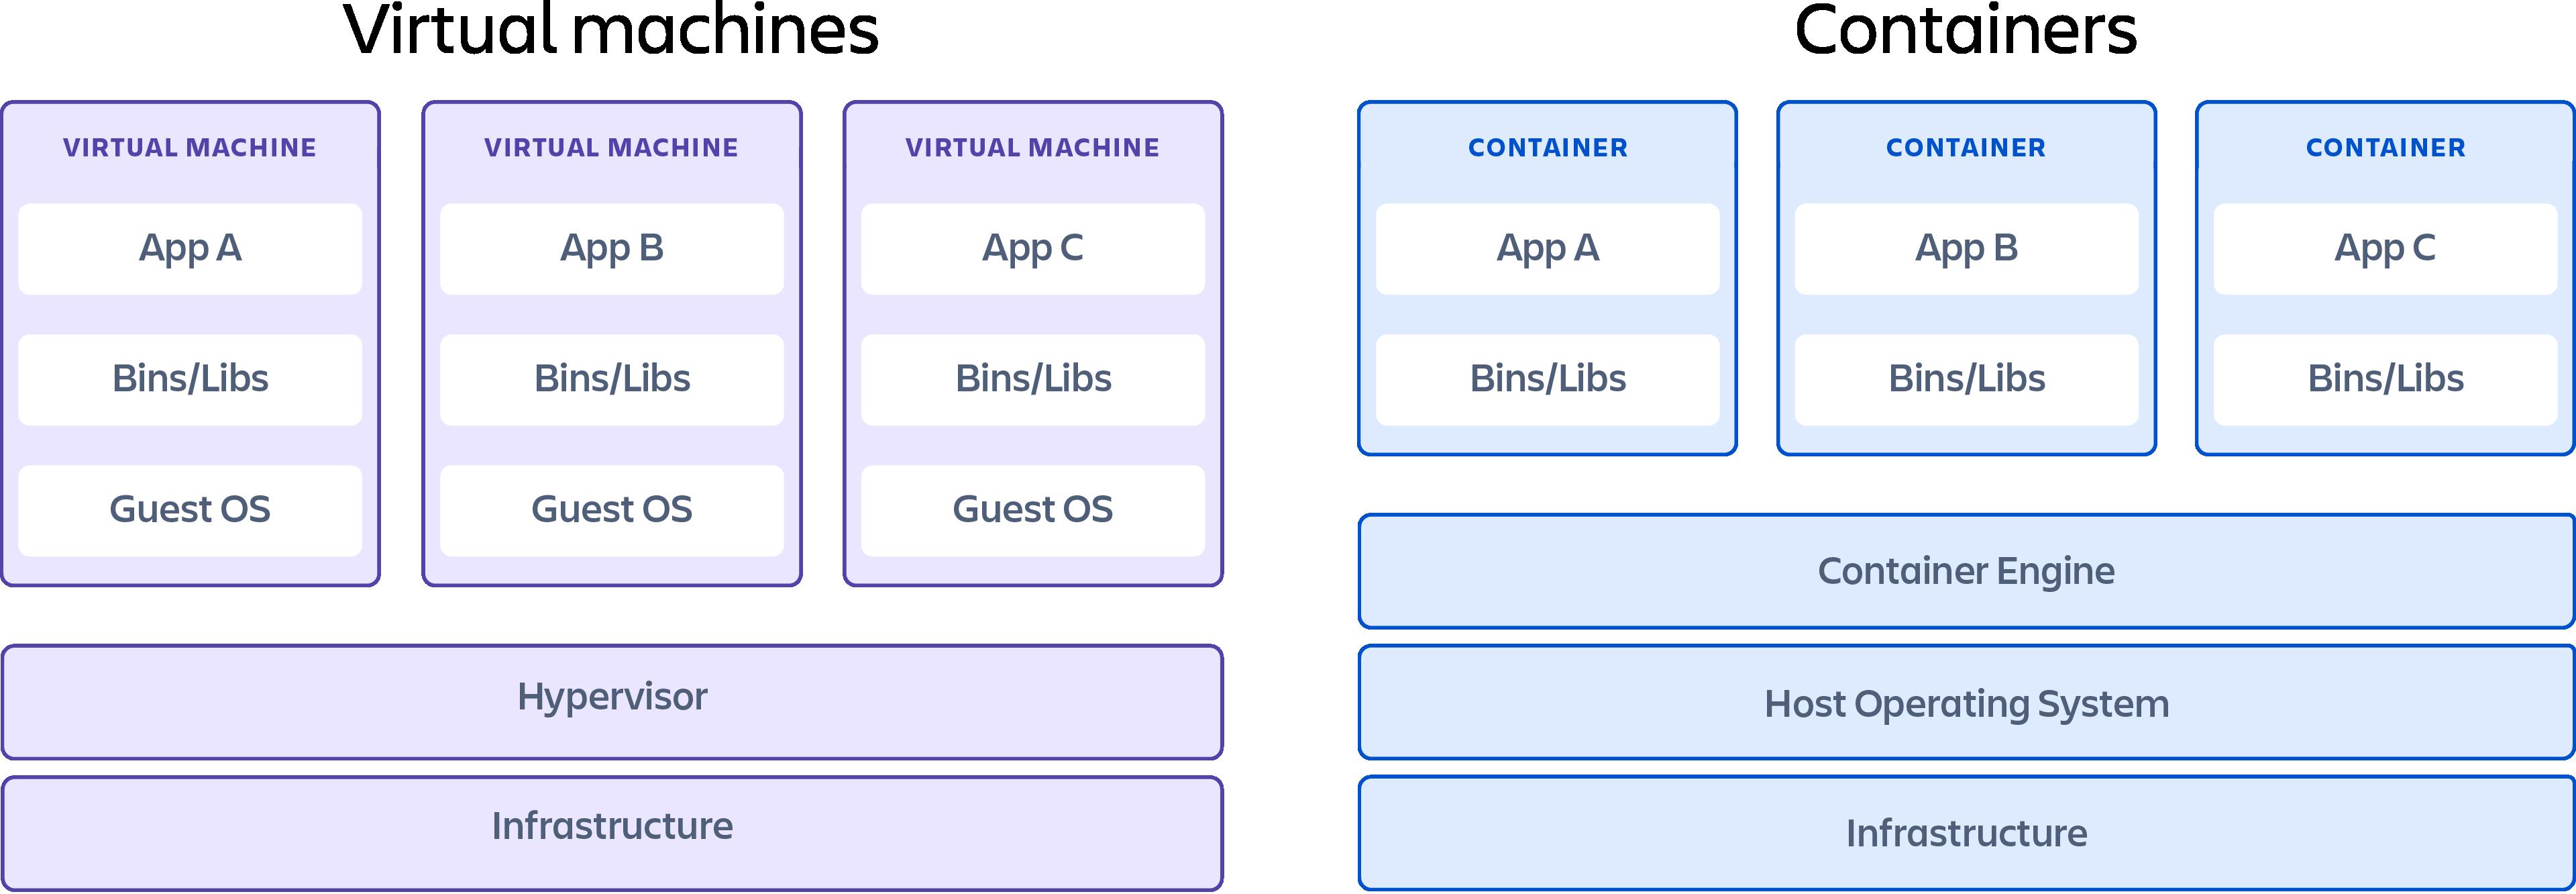 Контейнер, демонстрирующий различия между виртуальными машинами и контейнерами.